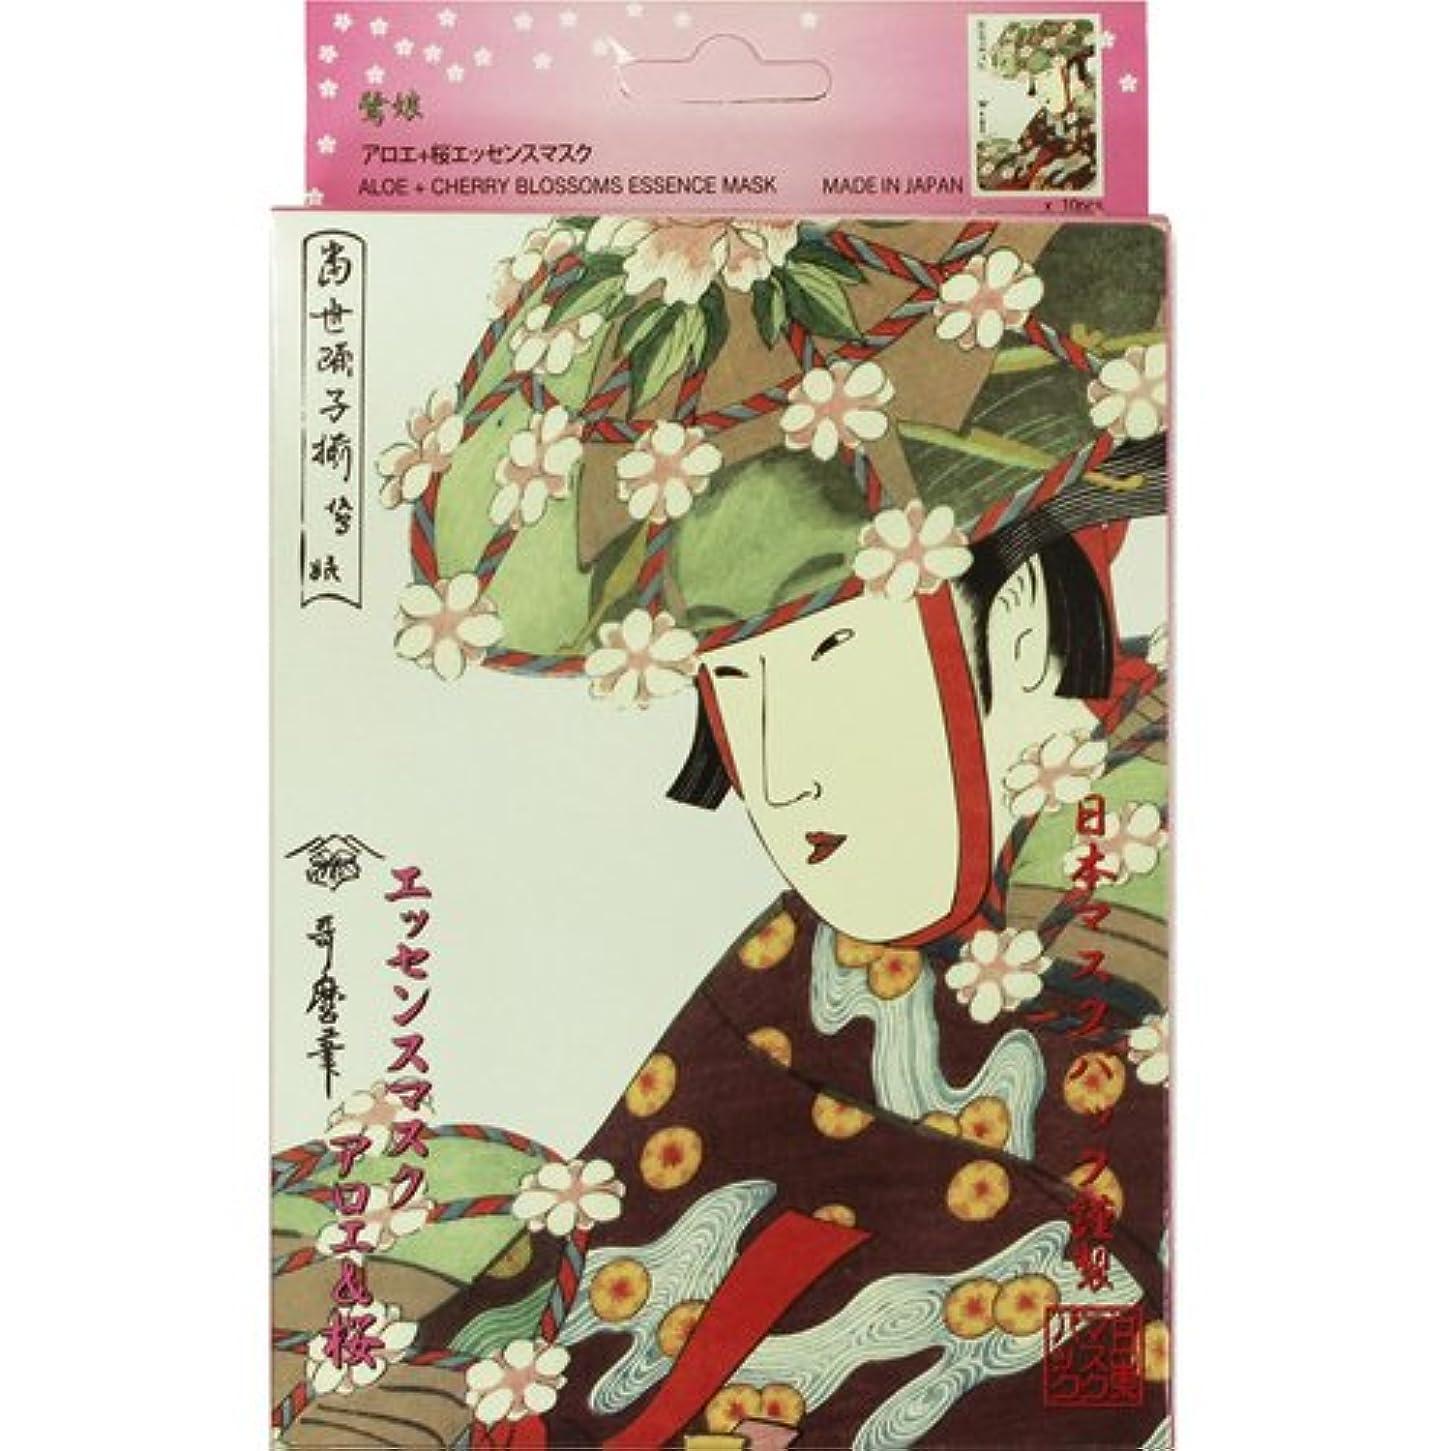 回転フォーマル評判エッセンスマスク アロエ+桜10枚